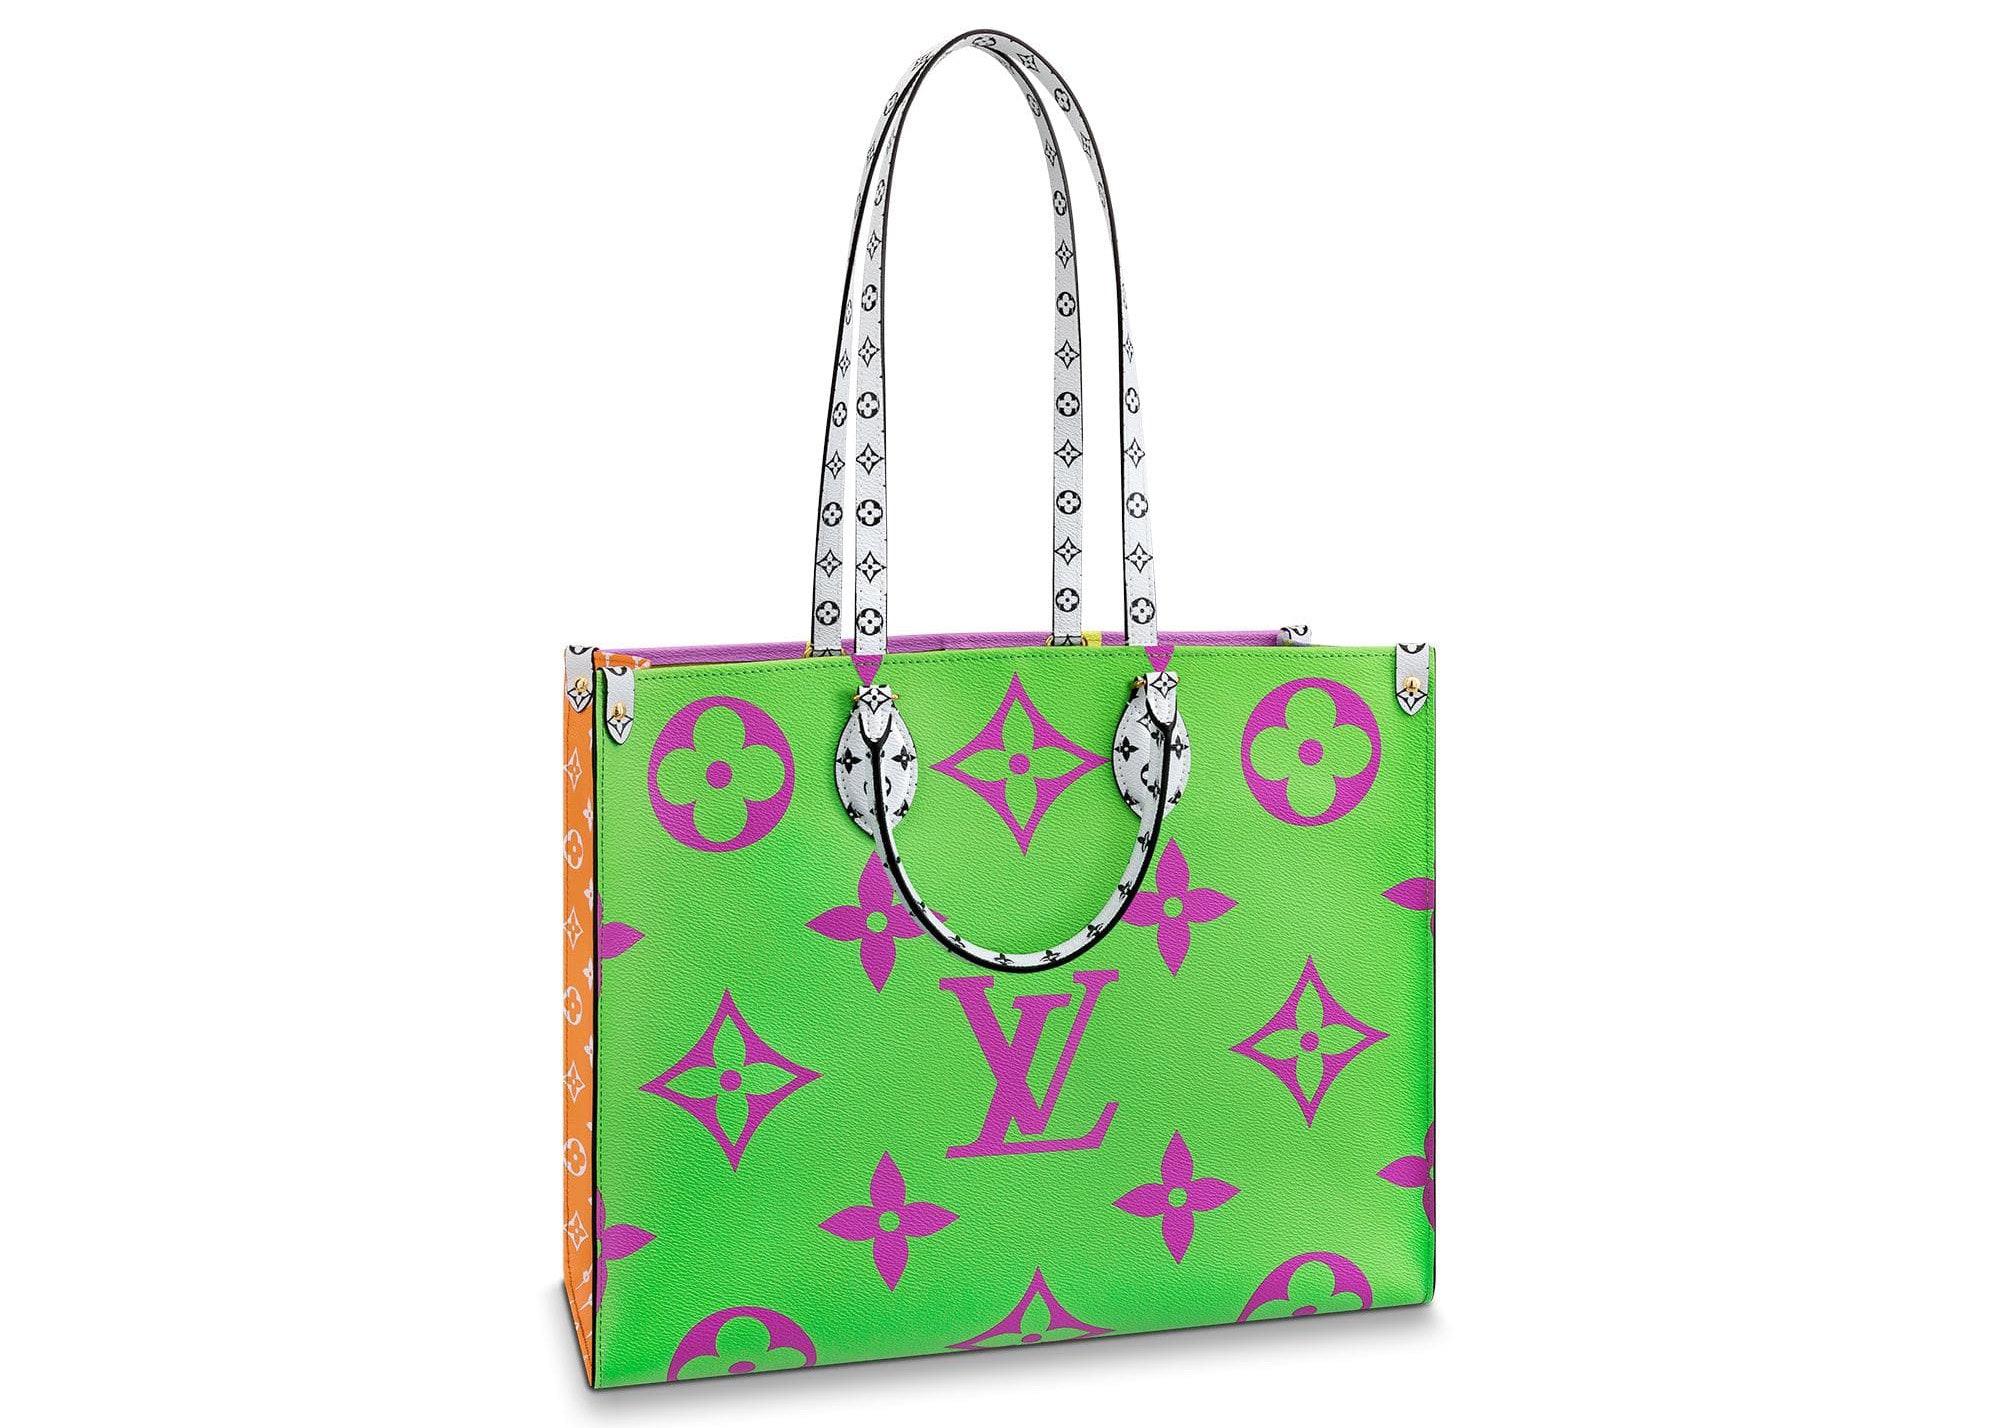 Louis Vuitton Onthego Monogram Giant Green/Lilac